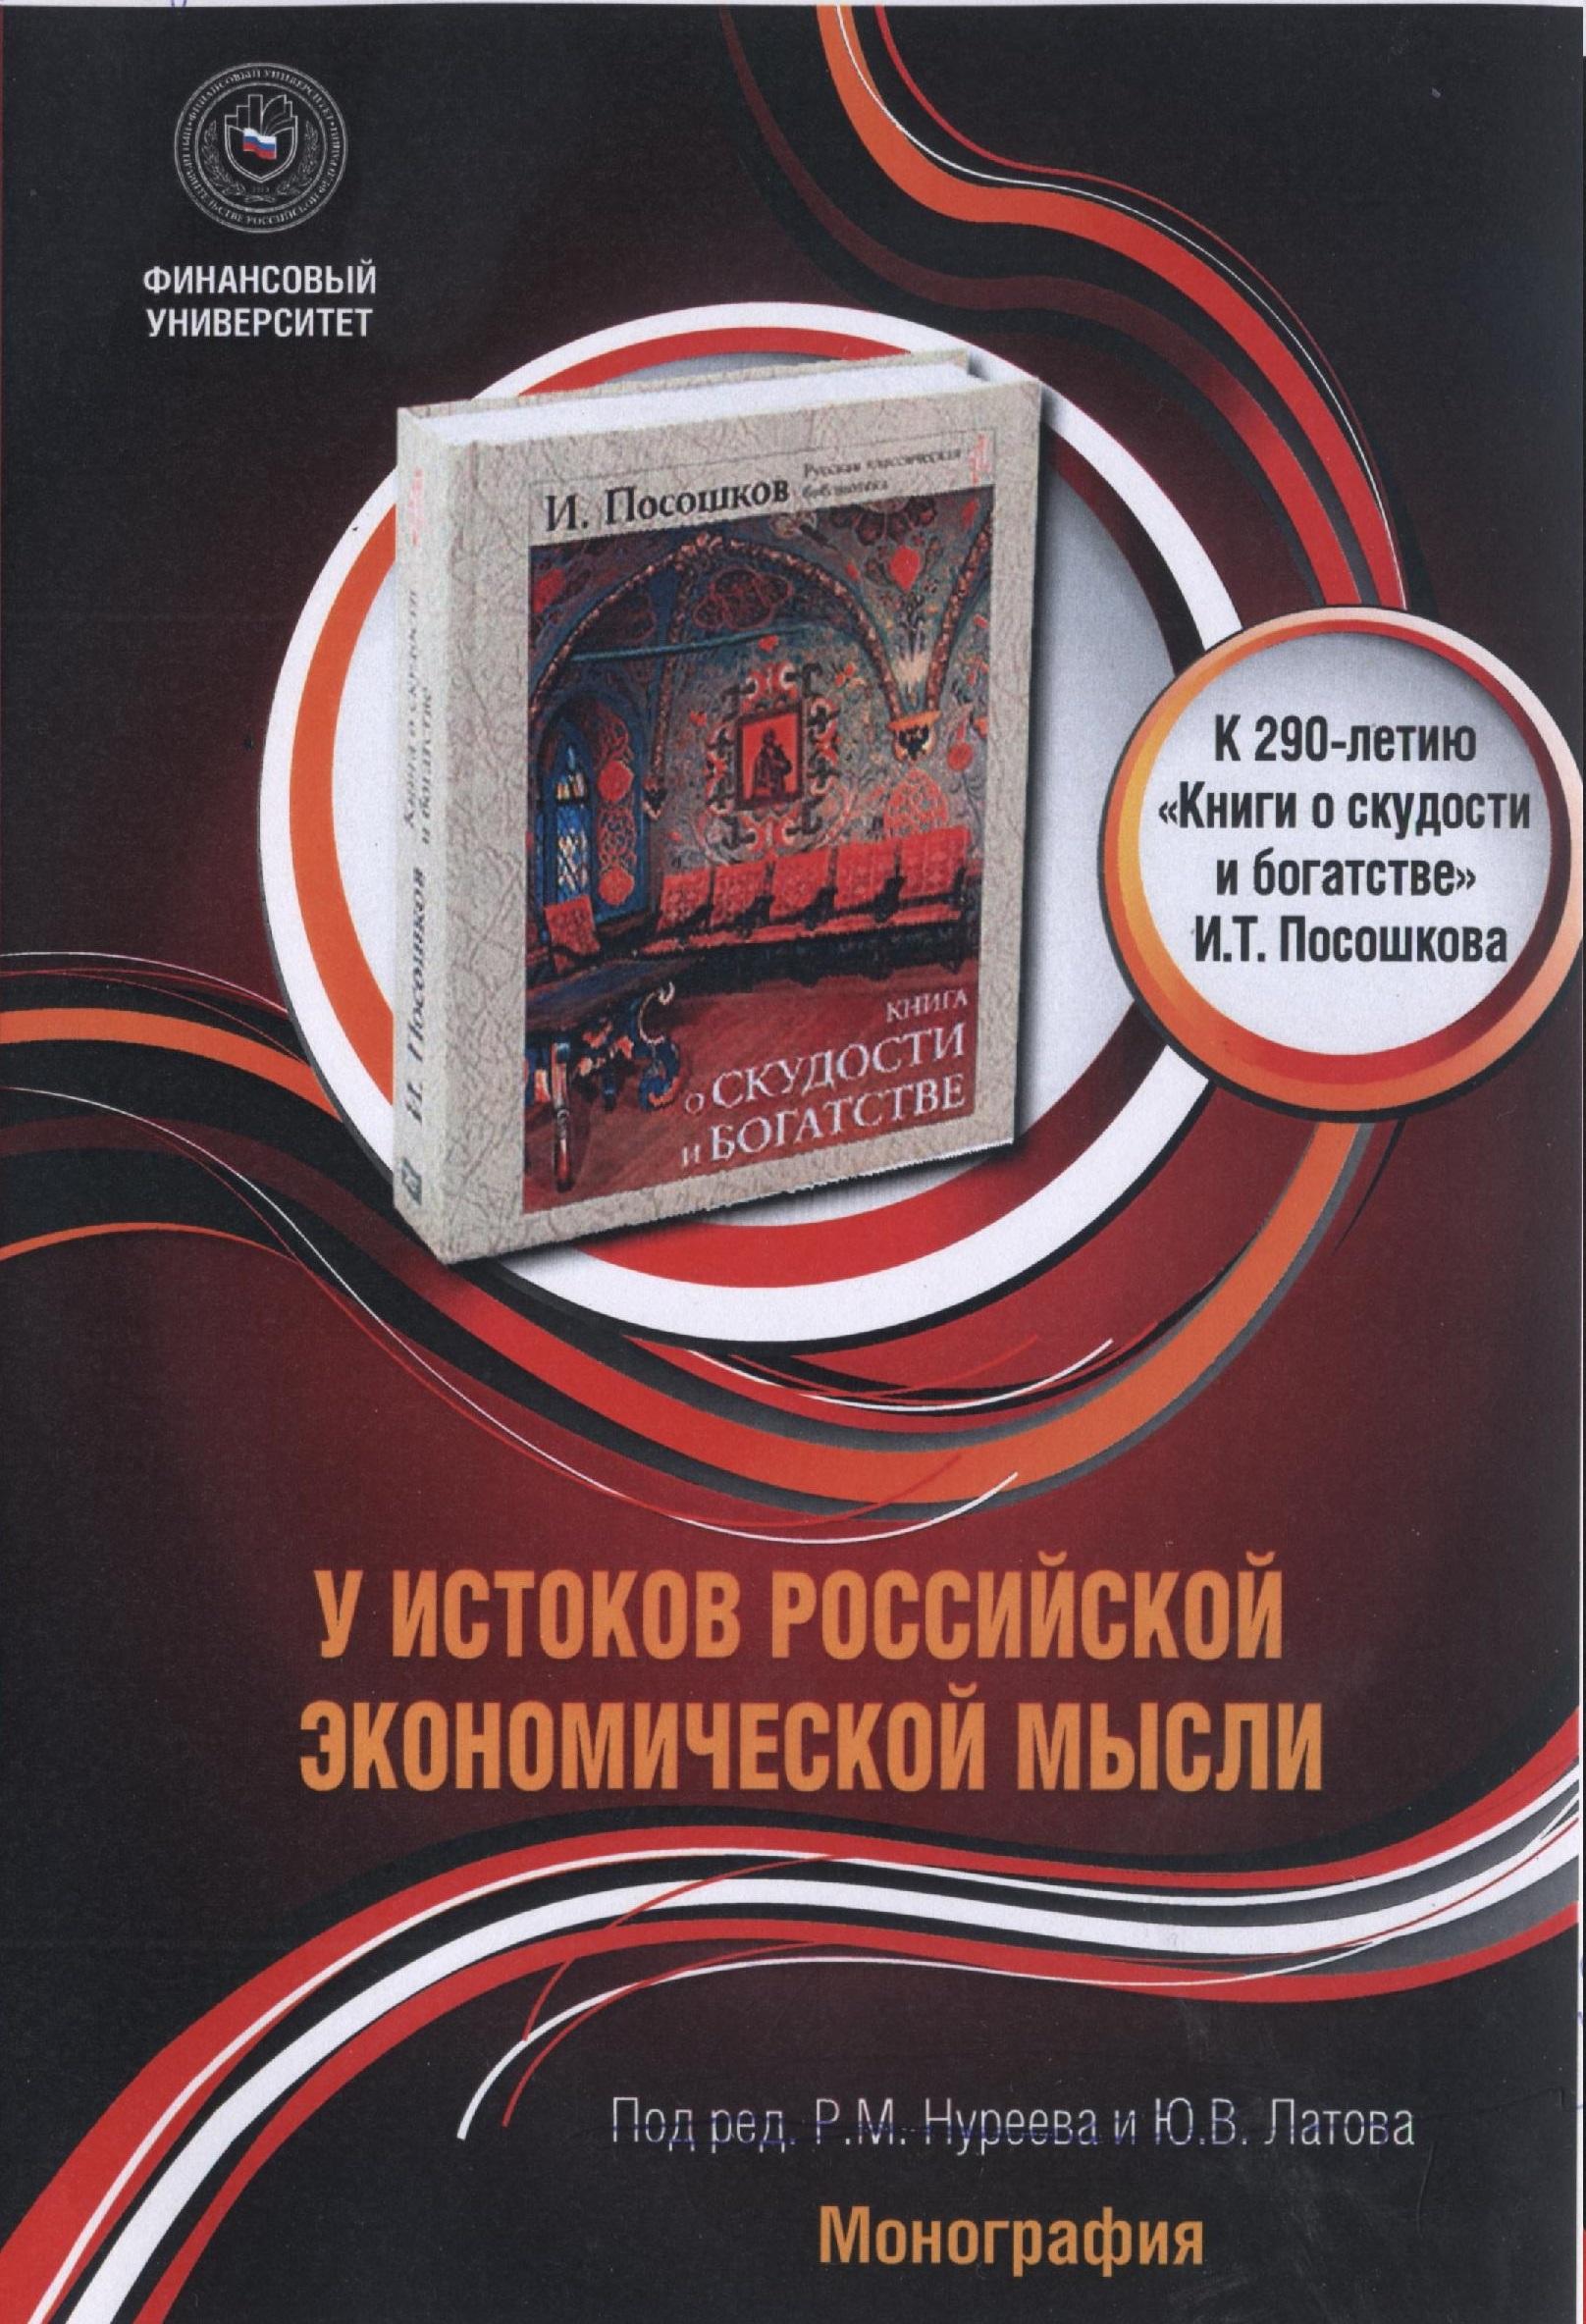 Творчество И.Т. Посошкова в контексте периодизации истории российской экономической мысли (к проблеме демаркации)